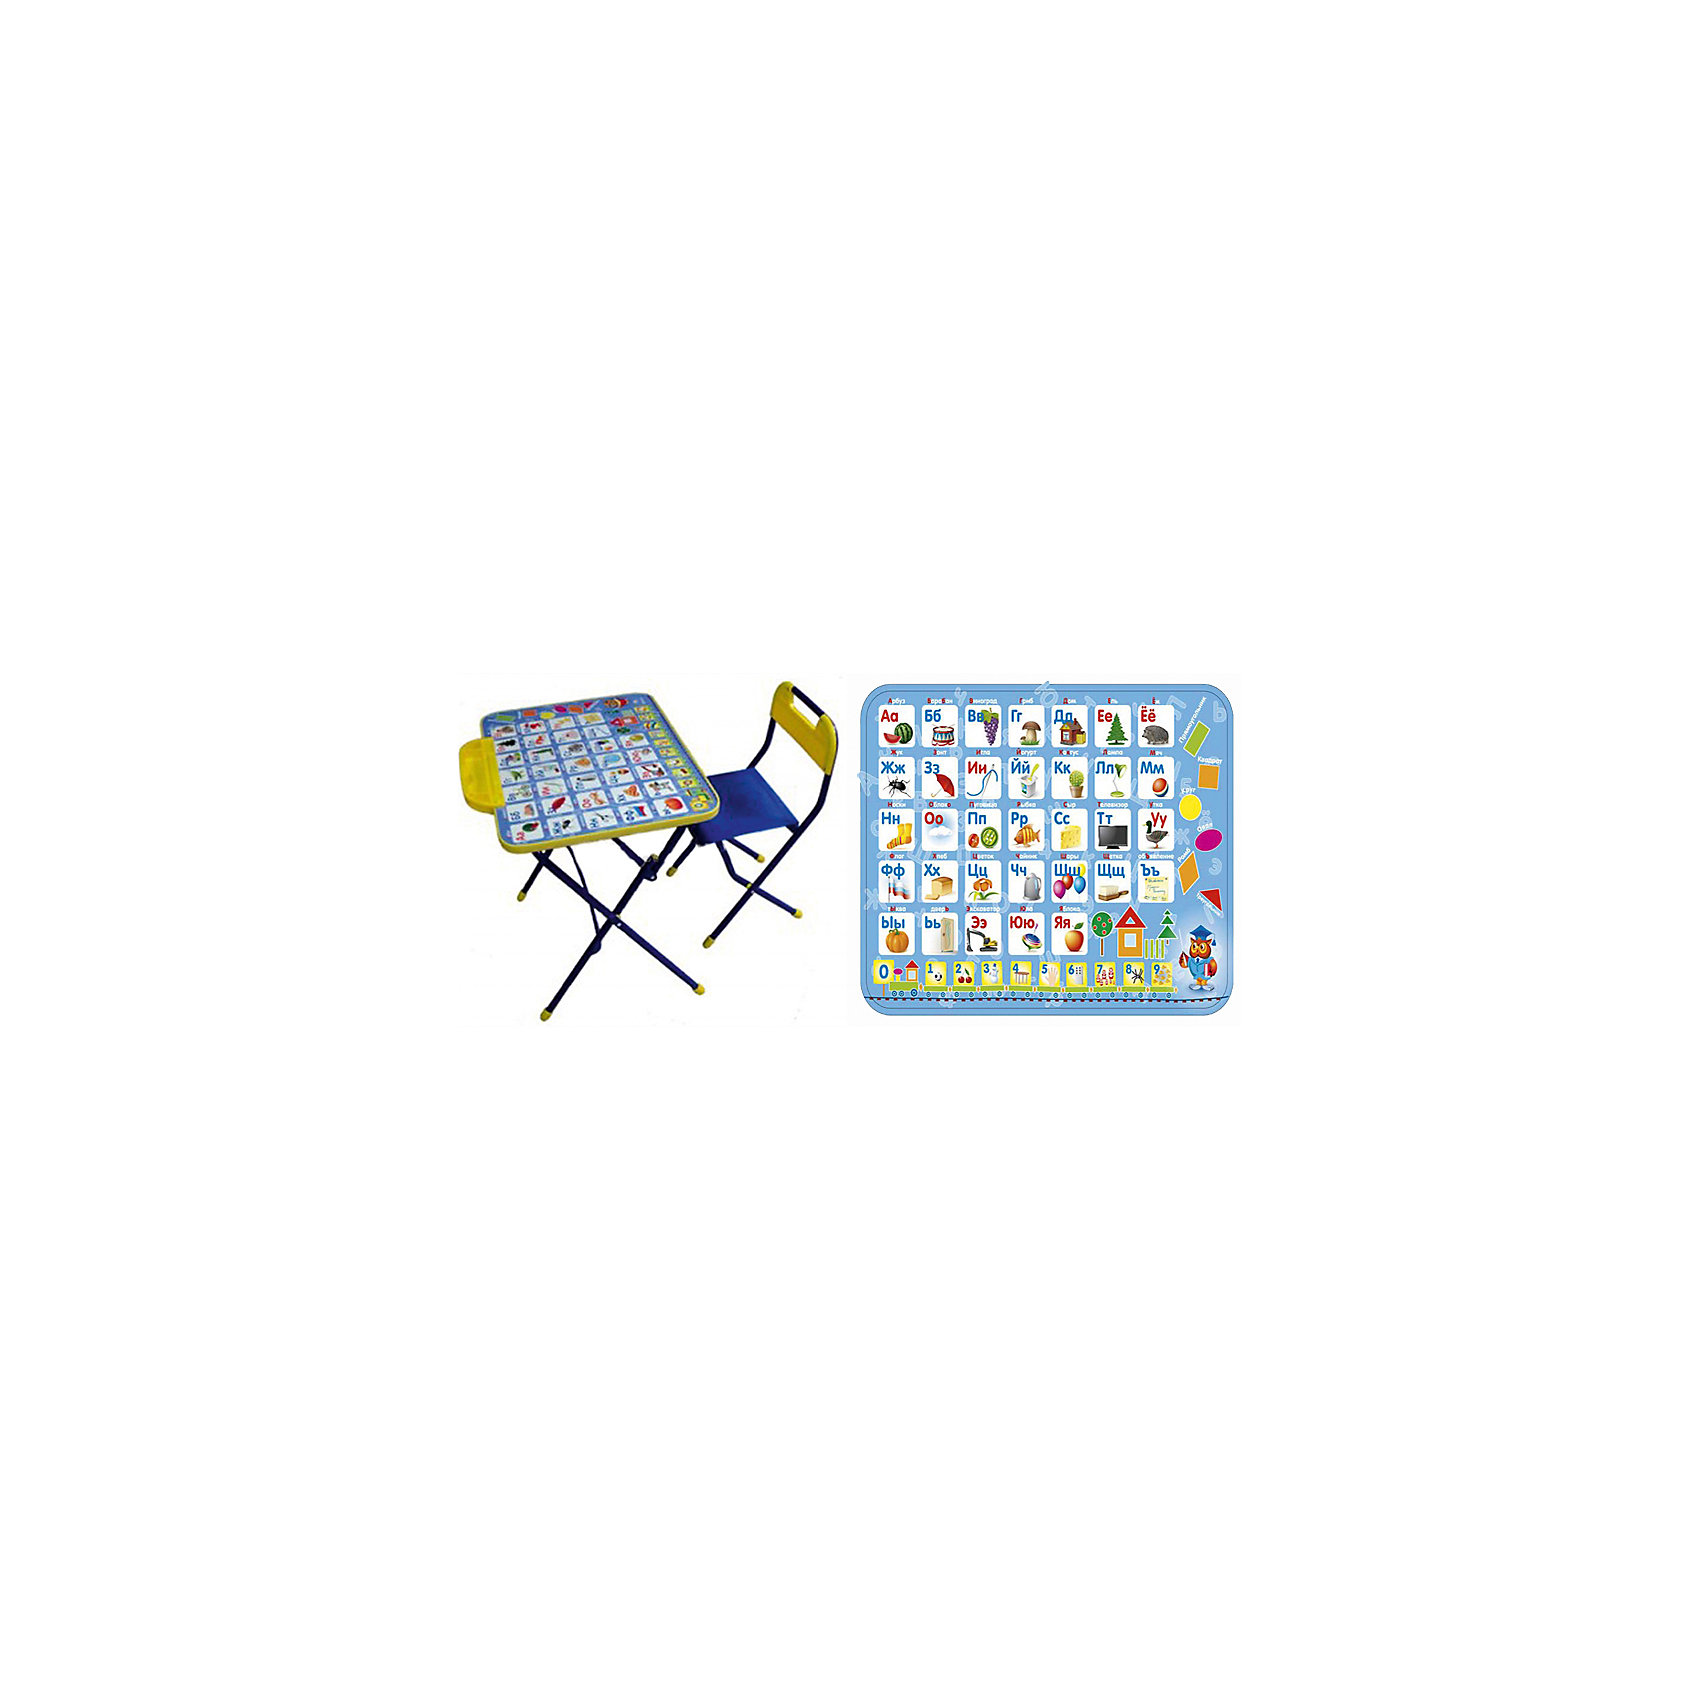 Набор мебели Азбука, КПУ1/9, НикаСтолы и стулья<br>Набор детской мебели Азбука состоит из двух предметов: стол-парта и стульчик.  На крышке столика изображены рисунки способствующие развитию ребенка.<br><br>Дополнительная информация:<br><br>В комплект входит стол-парта и стул с пластиковым сиденьем.<br>- Металлический каркас.<br>- Столешница облицована пленкой с тематическими рисунками.<br>- На ножках стула установлены пластмассовые наконечники.<br>- Размер столика: 60х45х57 см.<br>- Размер стула: высота до сиденья 34 см, высота со спинкой 59 см.<br>Сиденье: 30х30 см.<br>- Возраст: от 3-х лет<br><br>Набор мебели Азбука можно купить в нашем магазине.<br><br>Ширина мм: 580<br>Глубина мм: 120<br>Высота мм: 450<br>Вес г: 7050<br>Возраст от месяцев: 36<br>Возраст до месяцев: 108<br>Пол: Унисекс<br>Возраст: Детский<br>SKU: 4718356